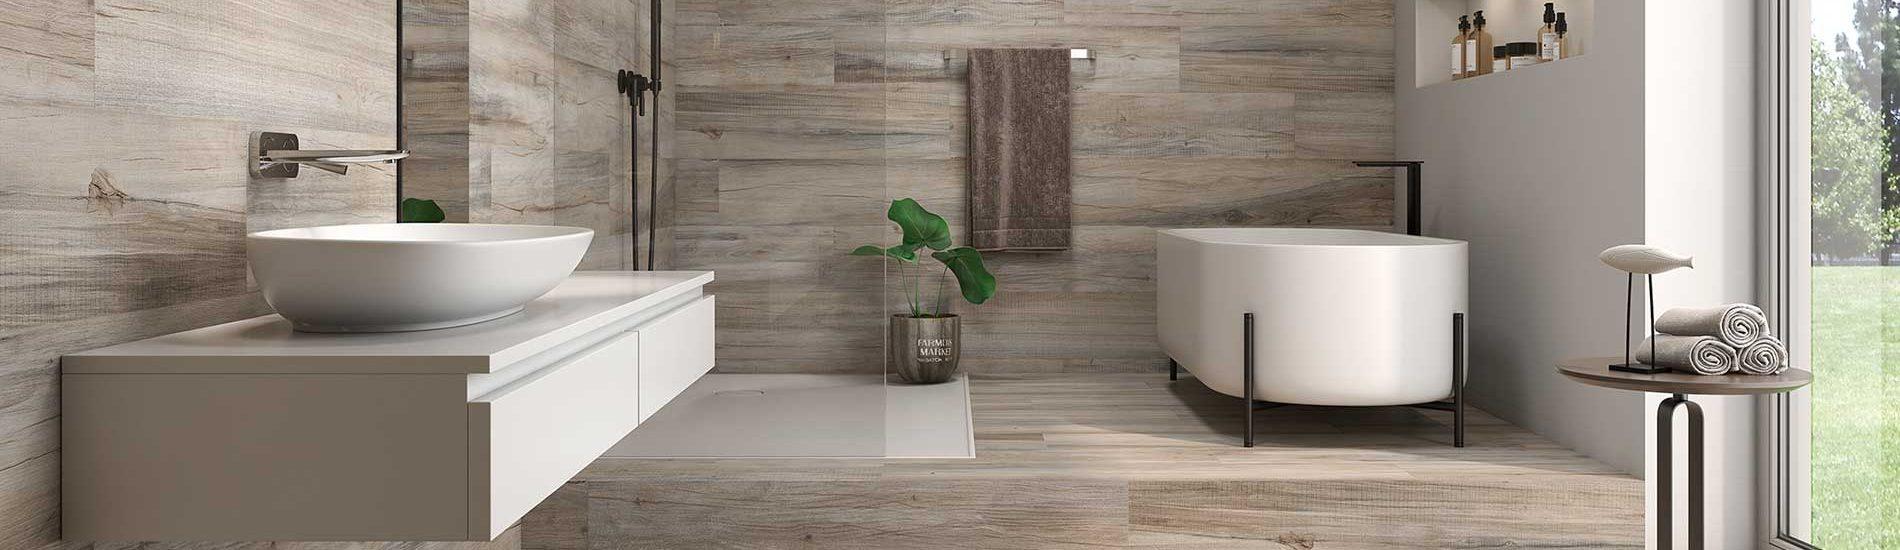 jazz wood look spanish floor wall